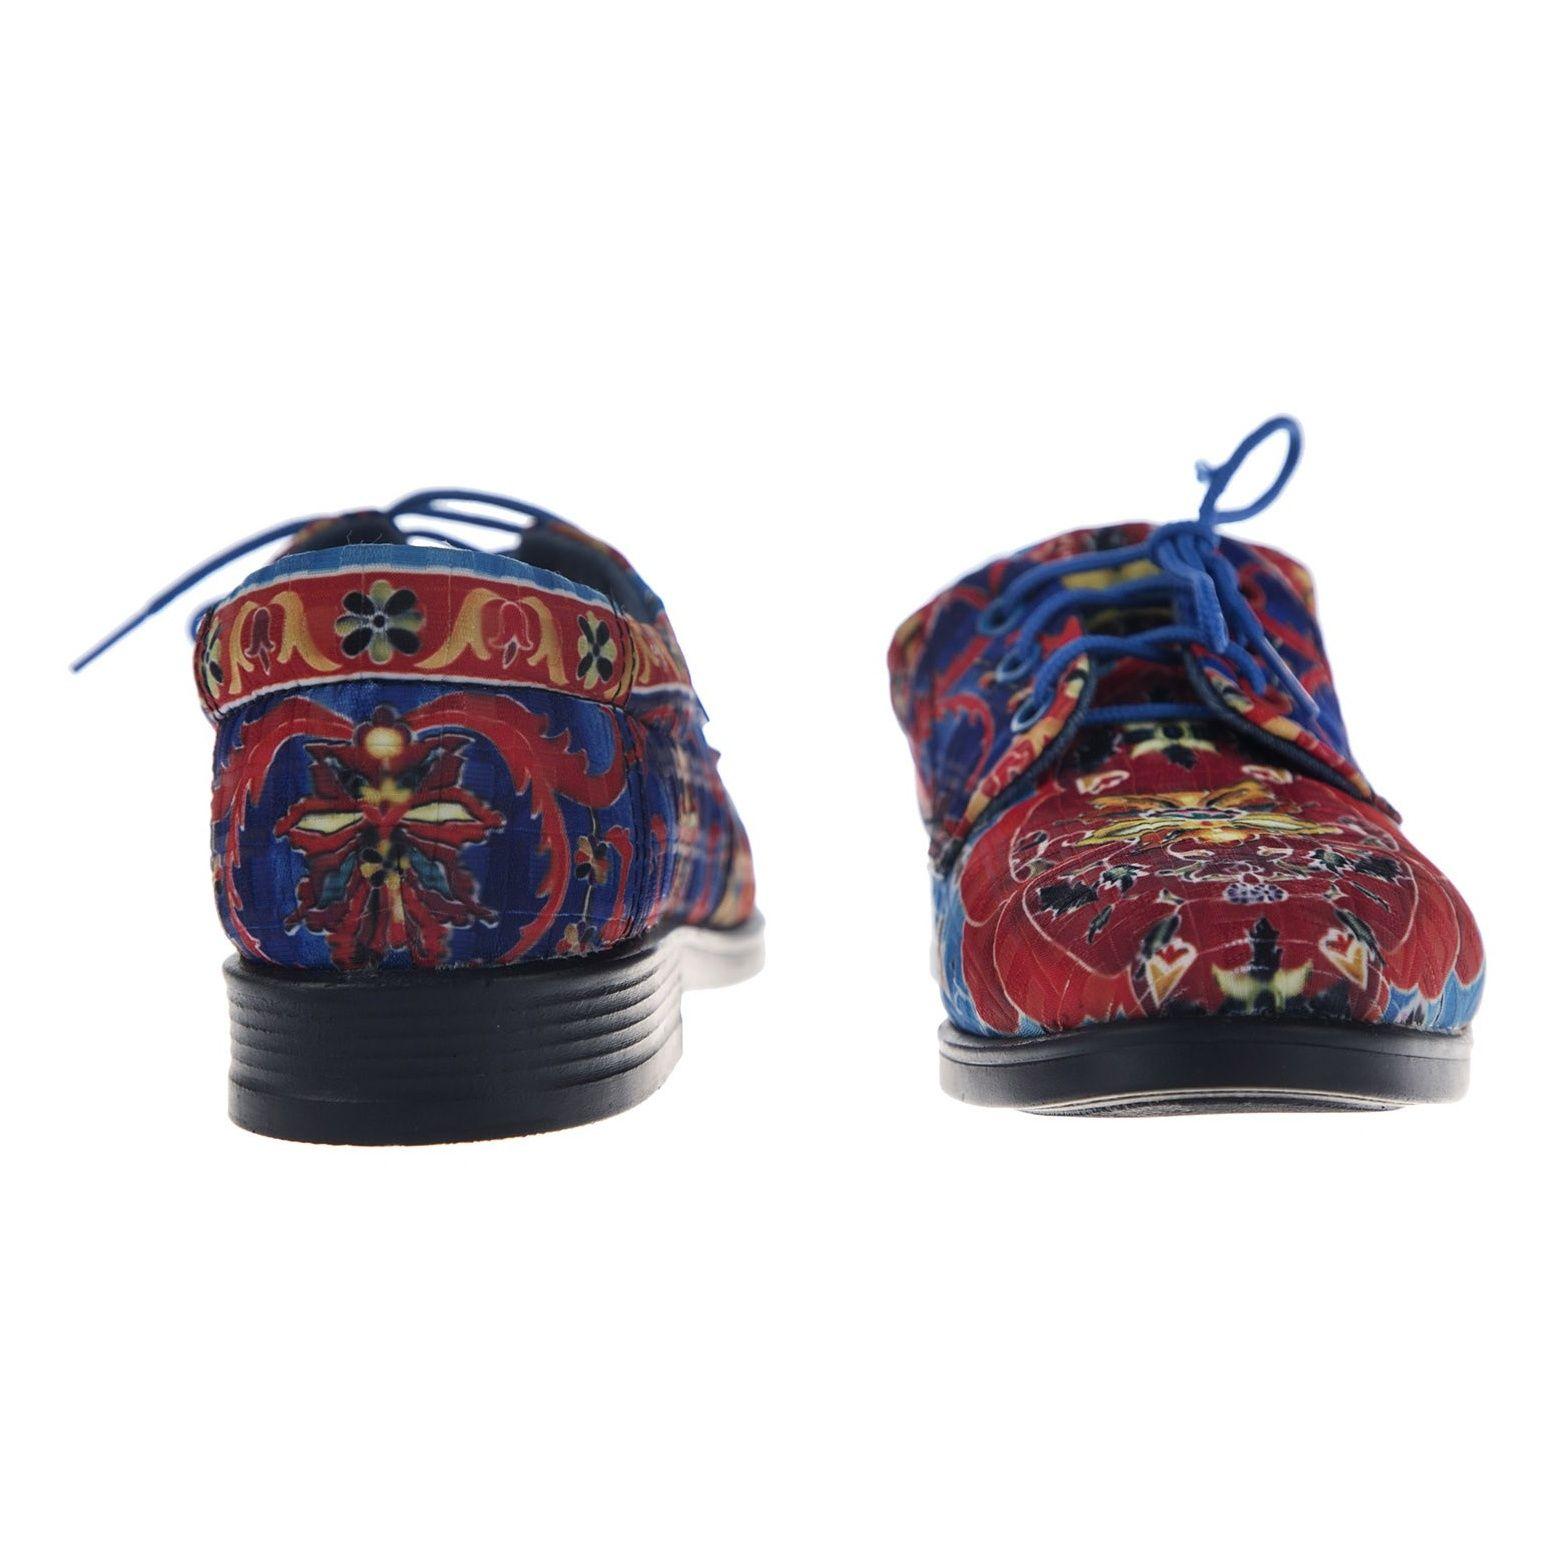 کفش تخت زنانه مدل نقاشی - مینا فخارزاده - قرمز/ آبی - 5